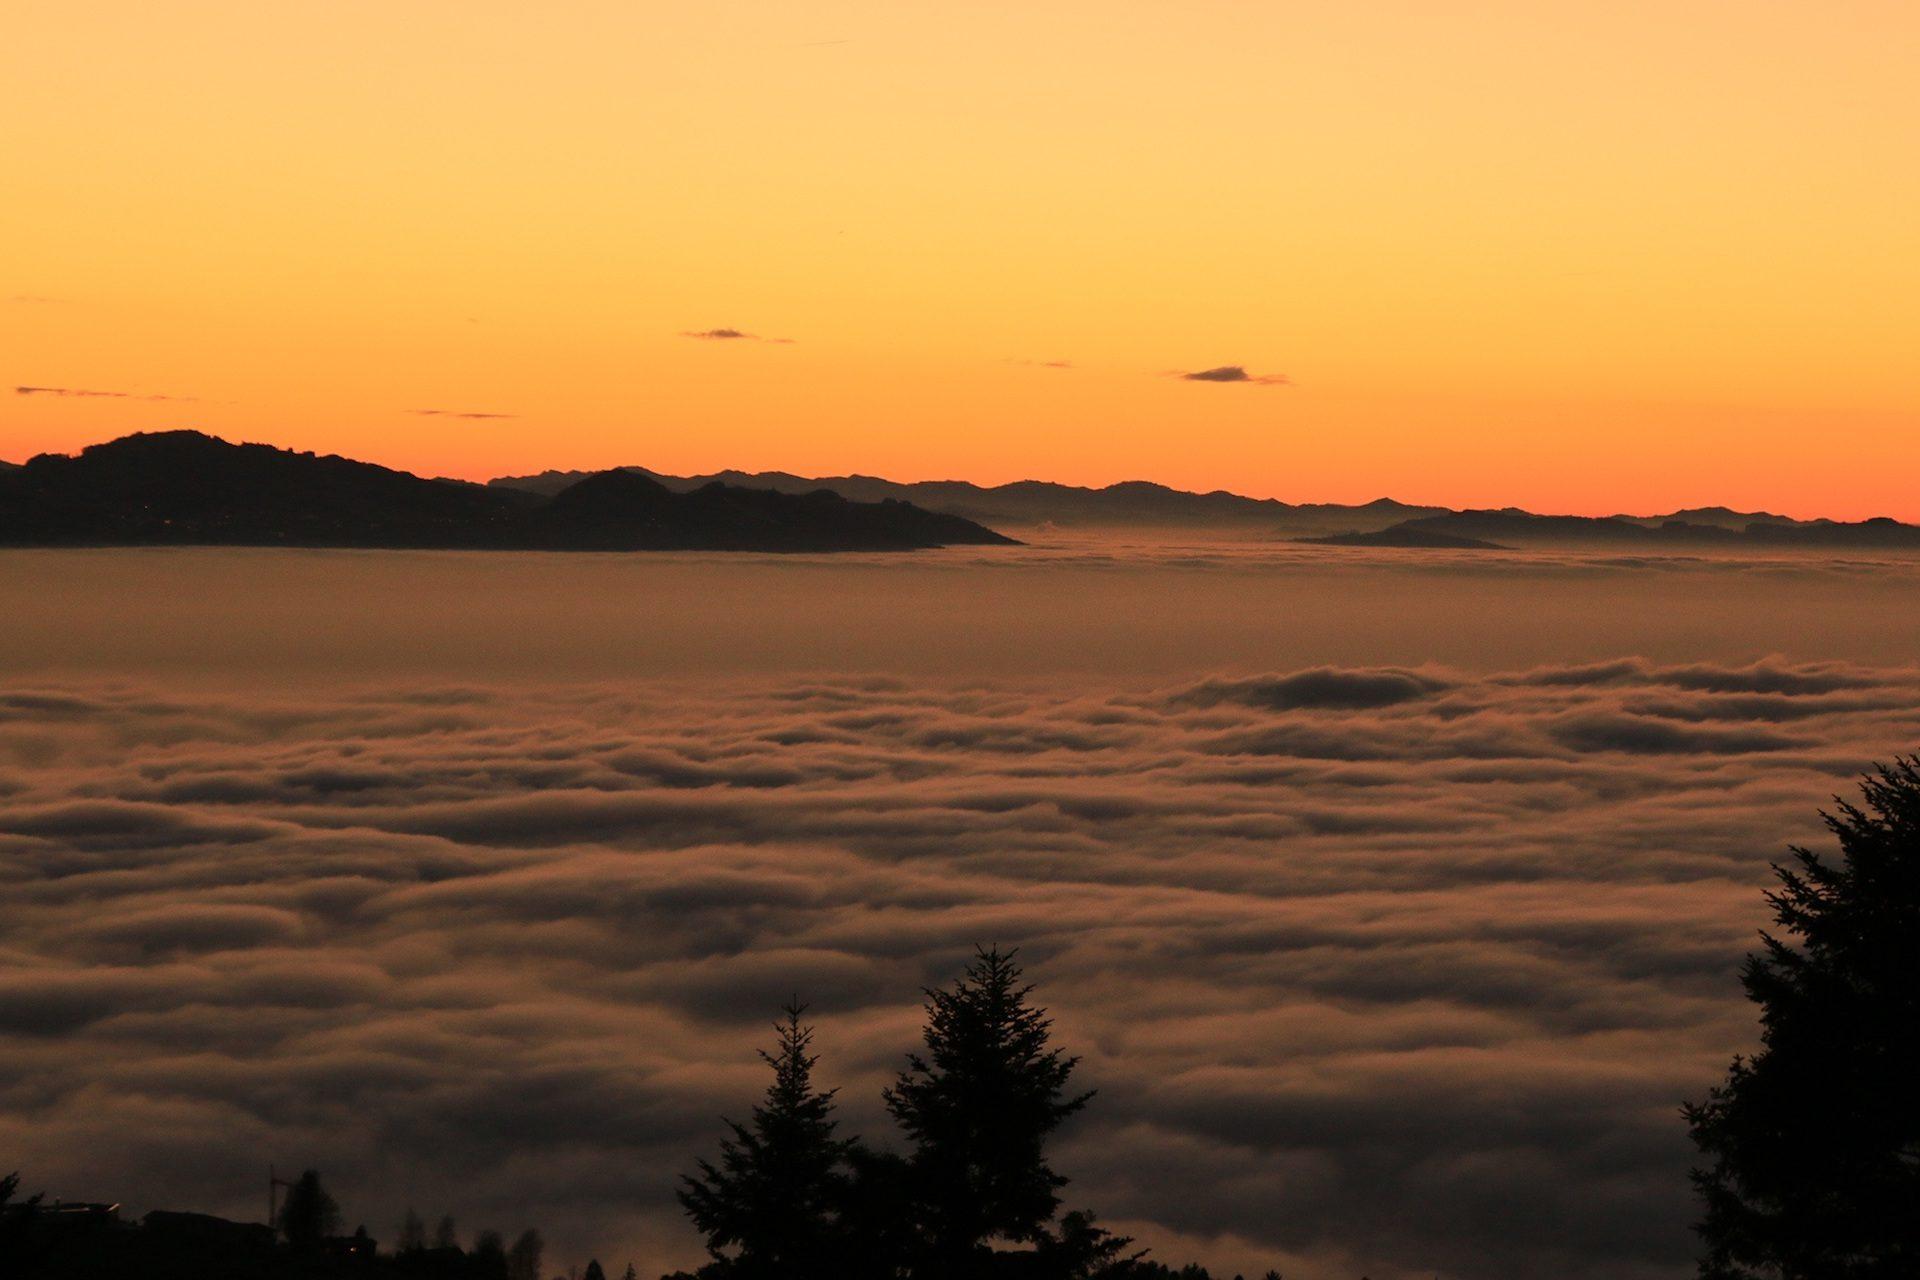 Wolken, Nebel, Berge, Bäume, Himmel, Sonnenuntergang - Wallpaper HD - Prof.-falken.com